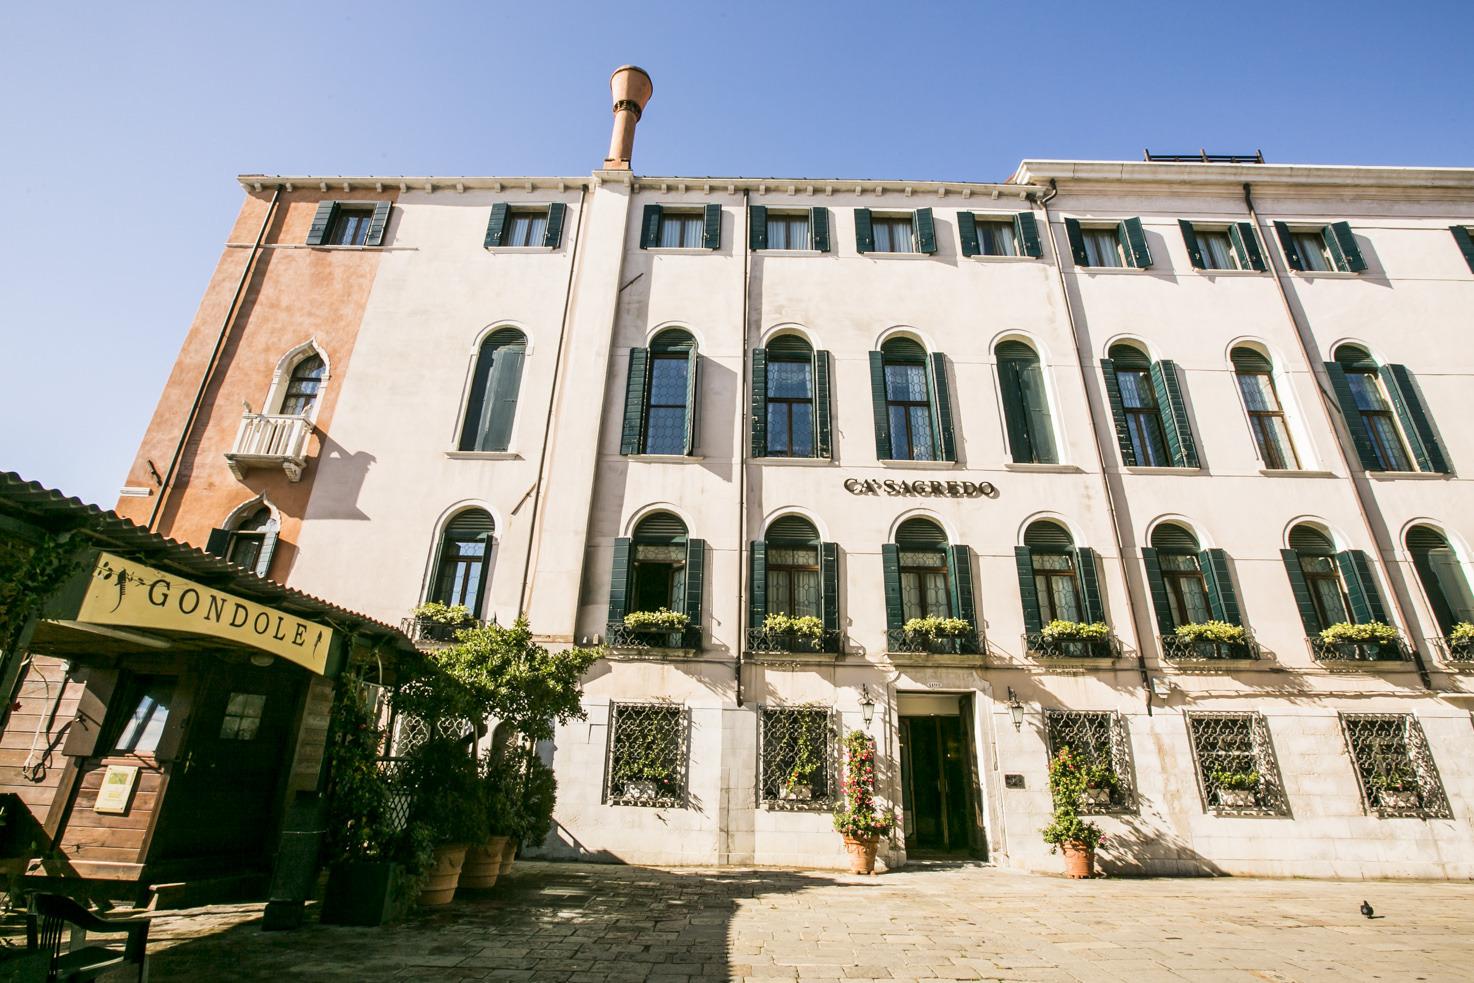 Entrance of Cà Sagredo Palace, Venice